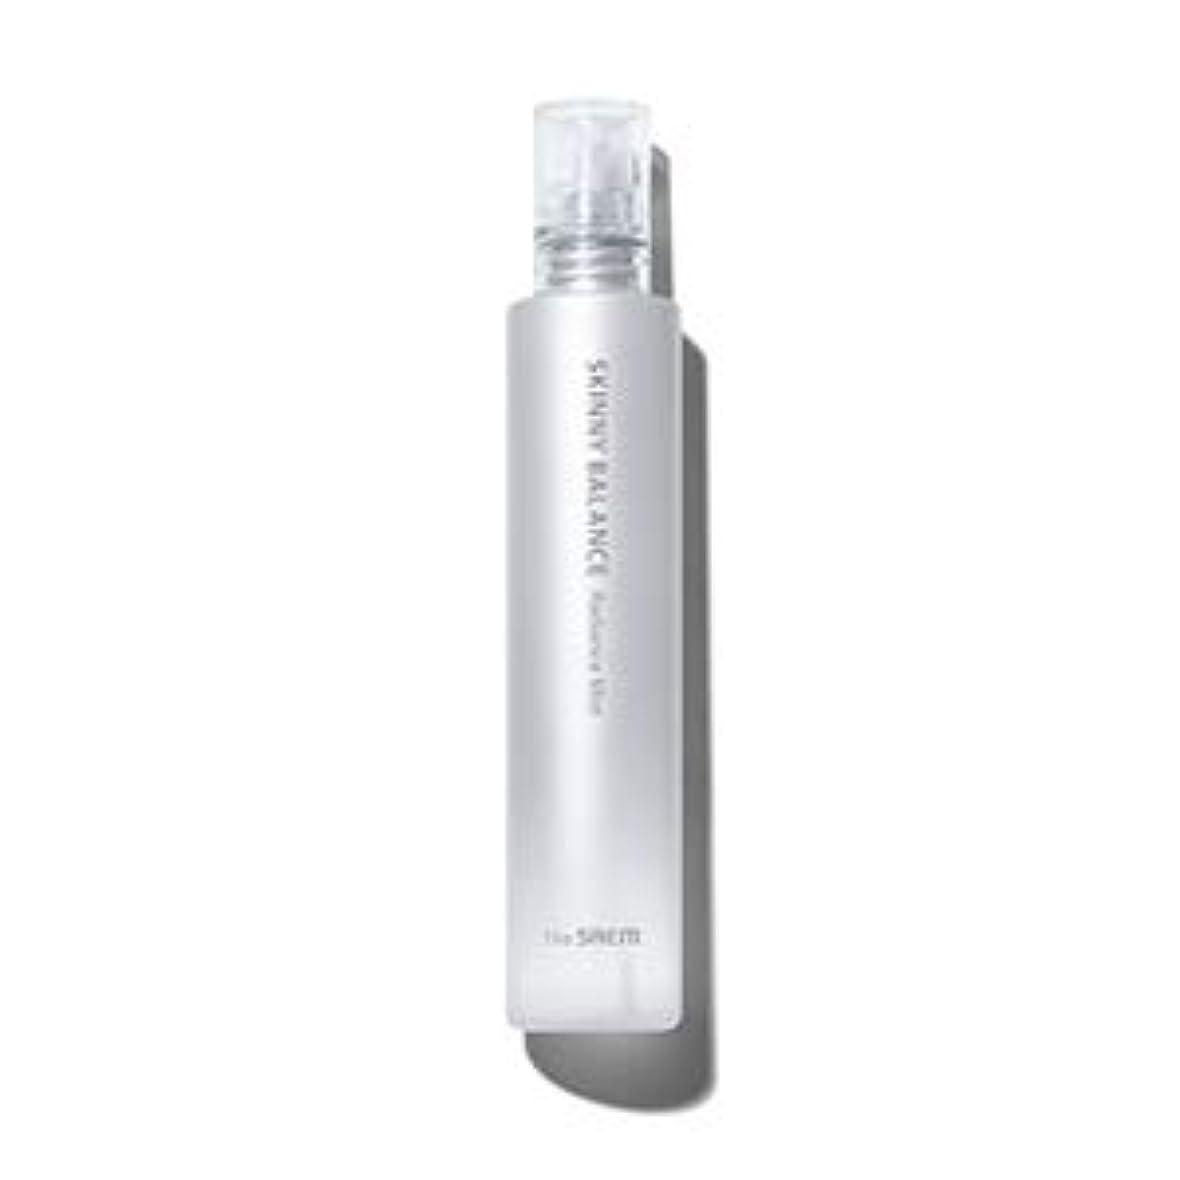 印刷する安全性モードリンザセム スキニーバランス輝きミスト 75ml / The Seam Skinny Balance Radiance Mist 75ml [並行輸入品]